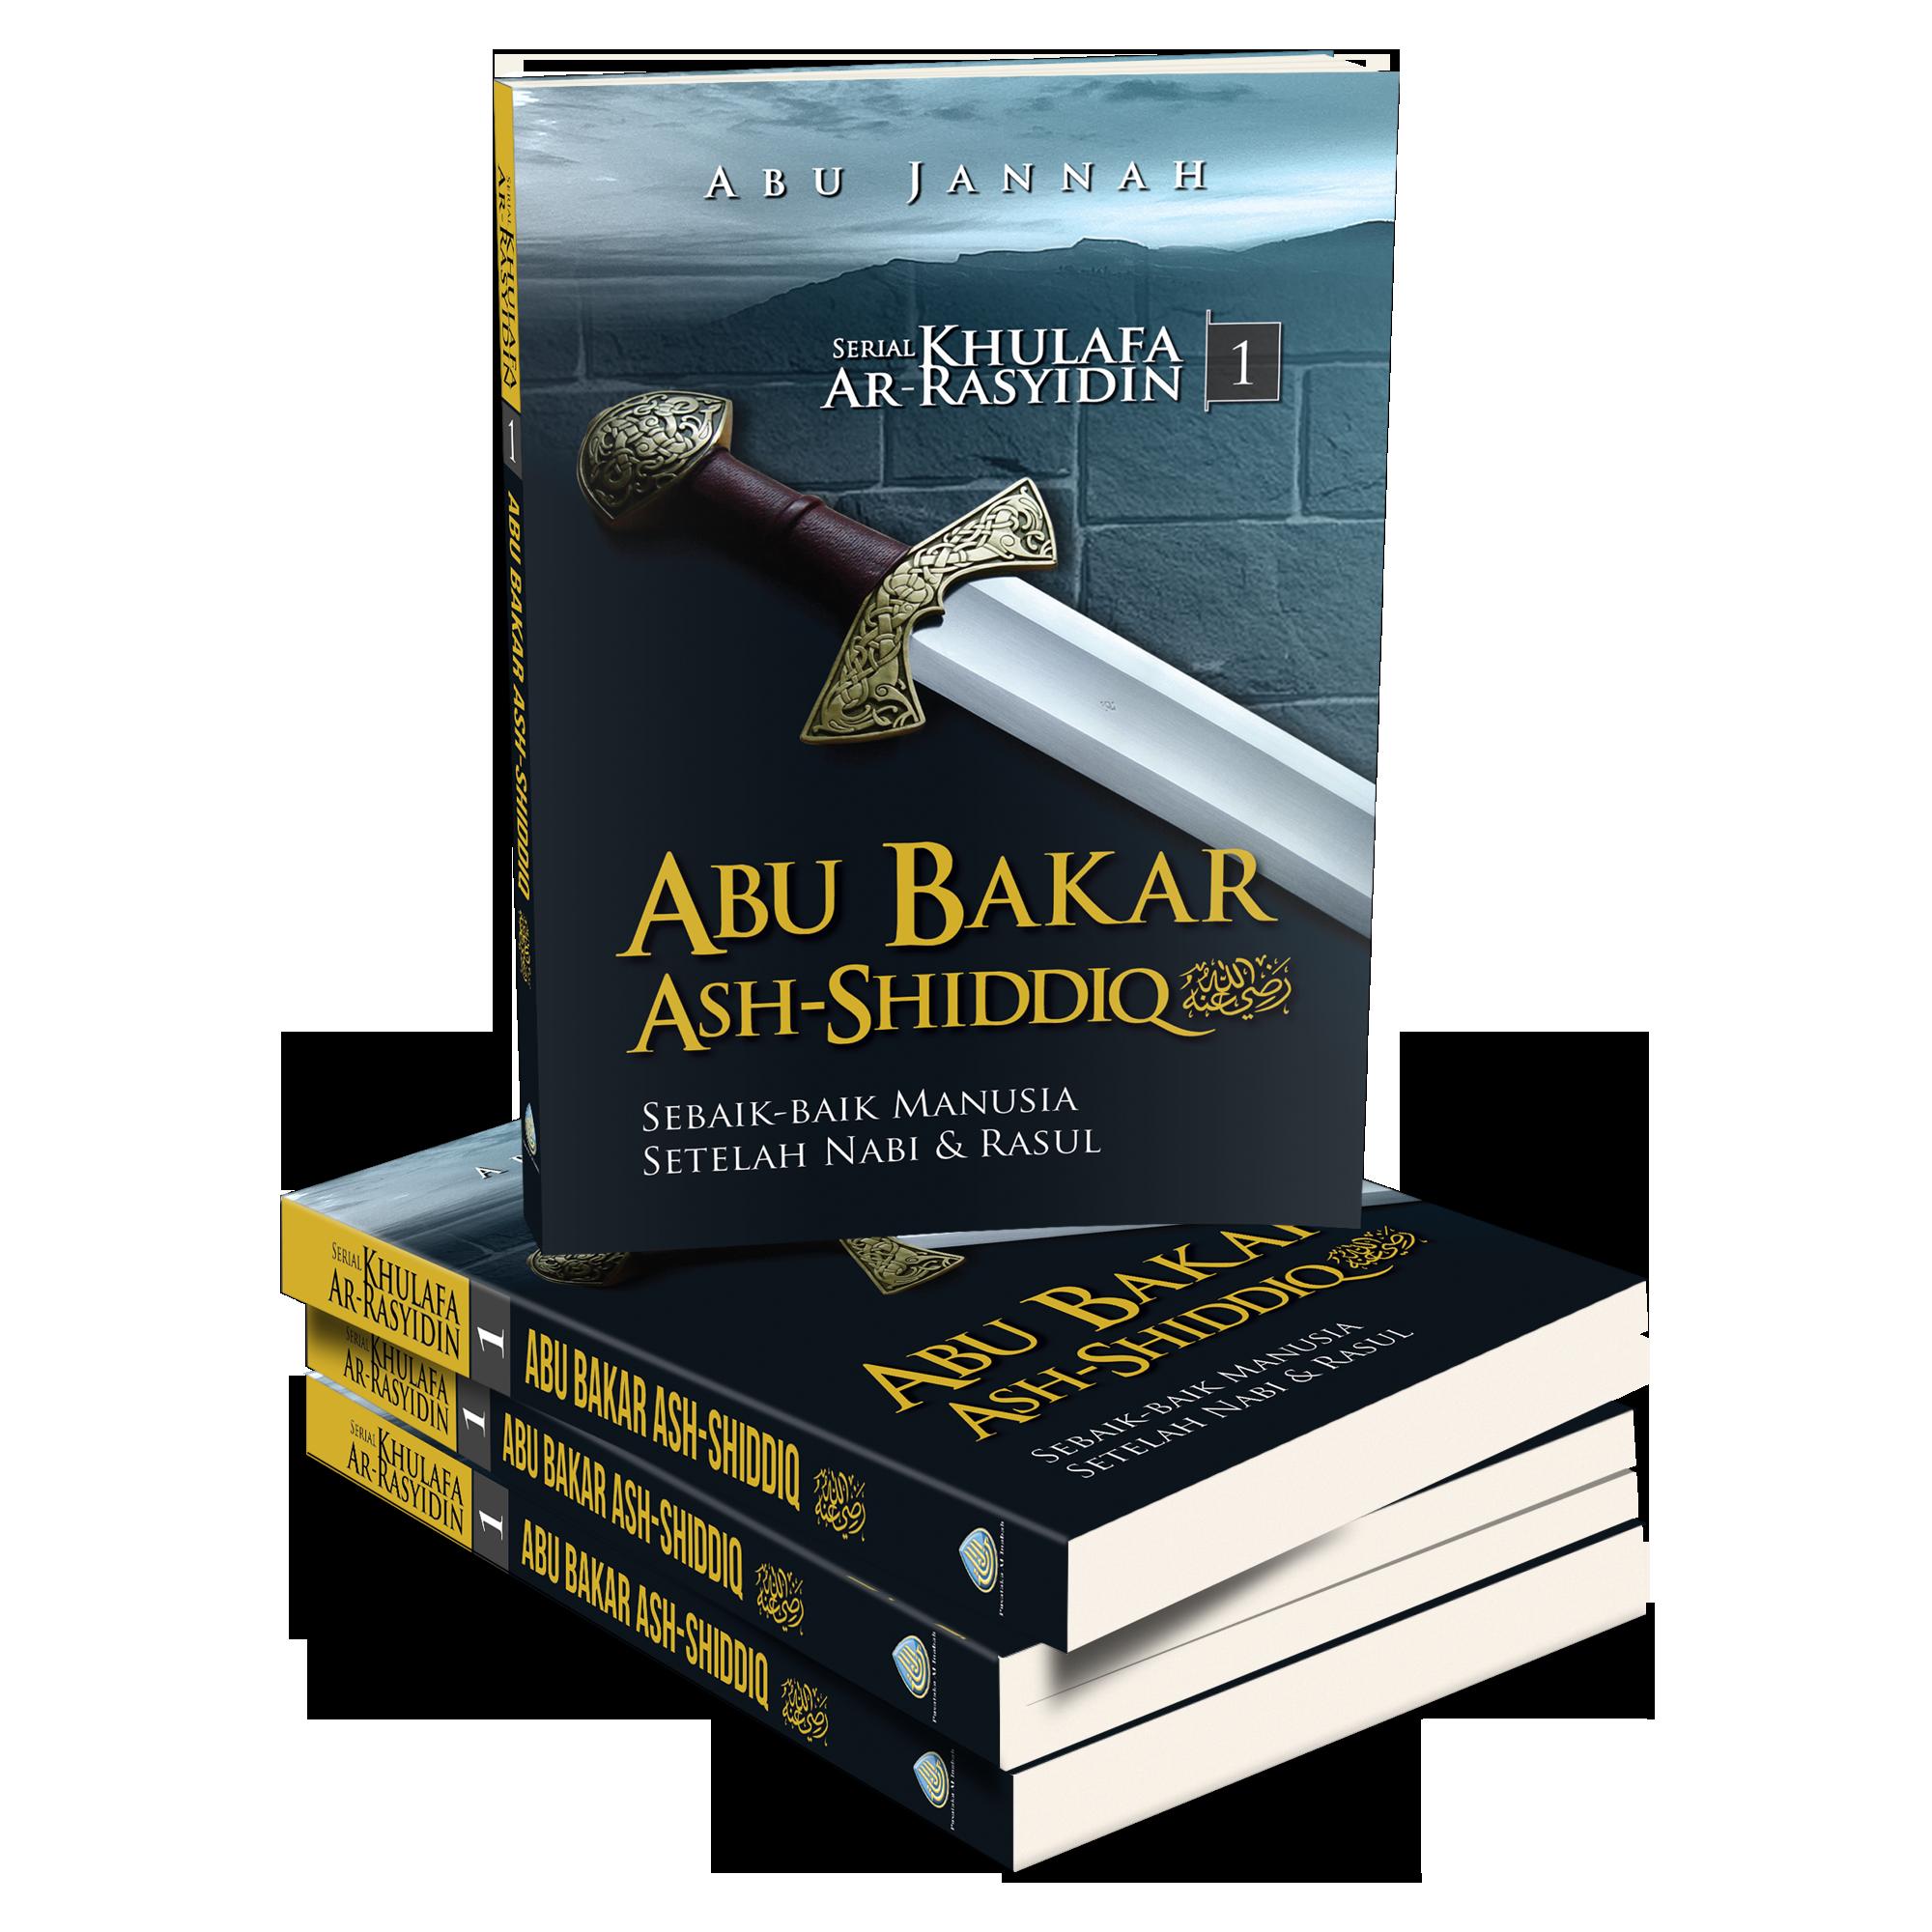 Abu Bakar